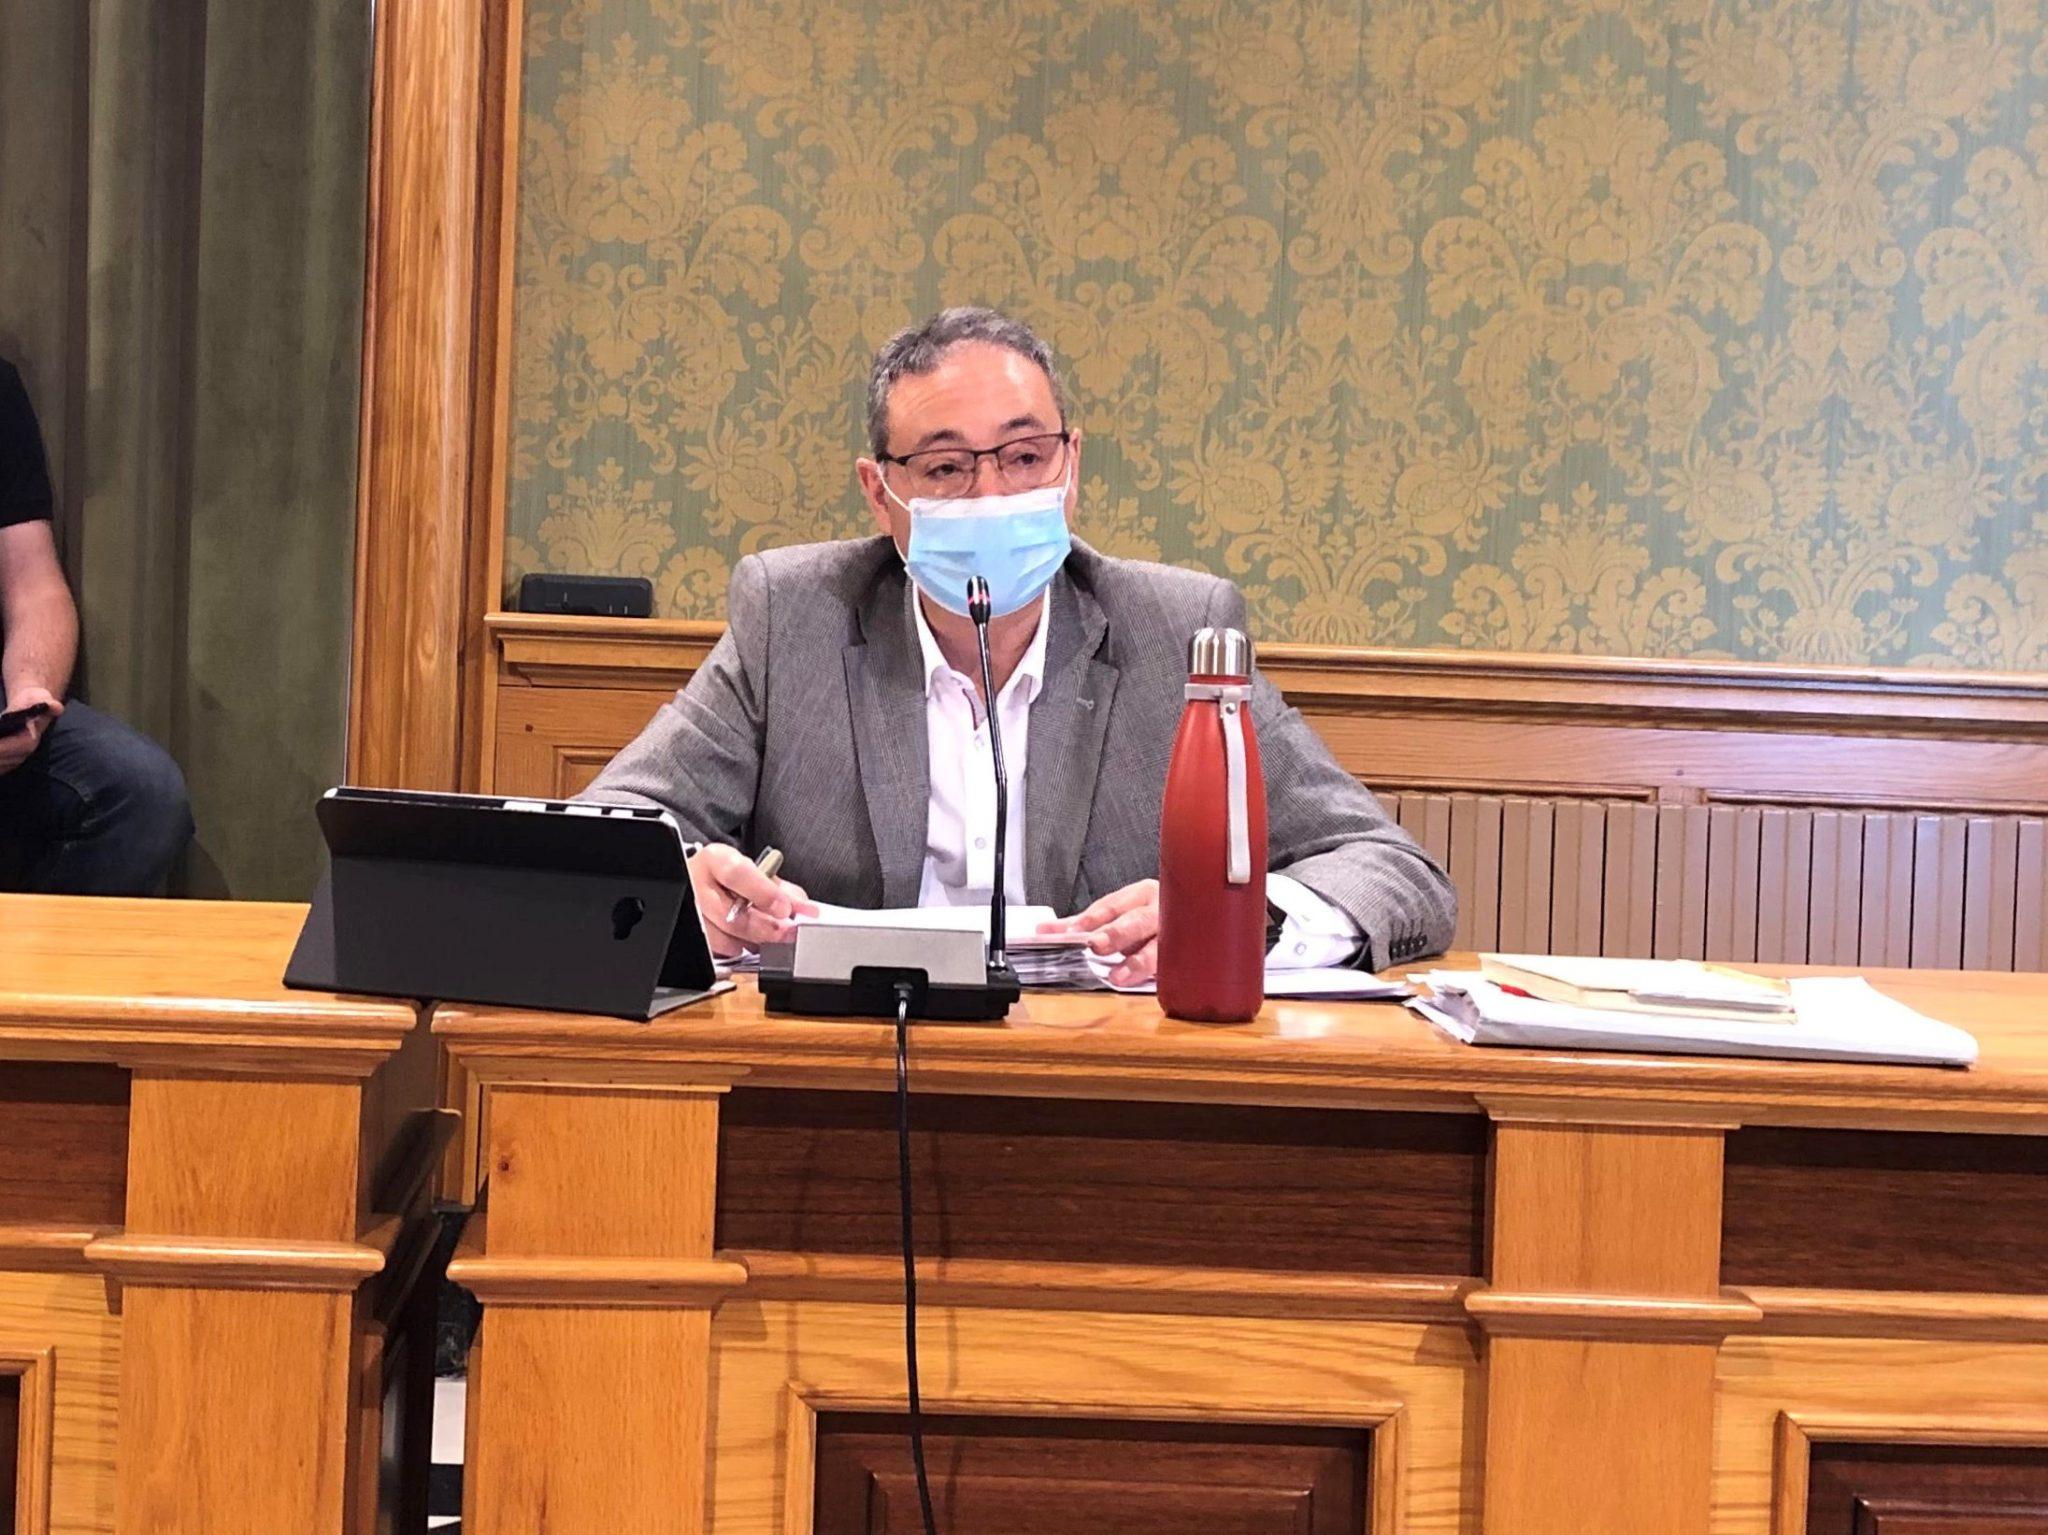 El Ayuntamiento de Cuenca aprueba los Presupuestos municipales 2021 con un aumento de la inversión real del 37% hasta alcanzar los 6,5 millones de euros